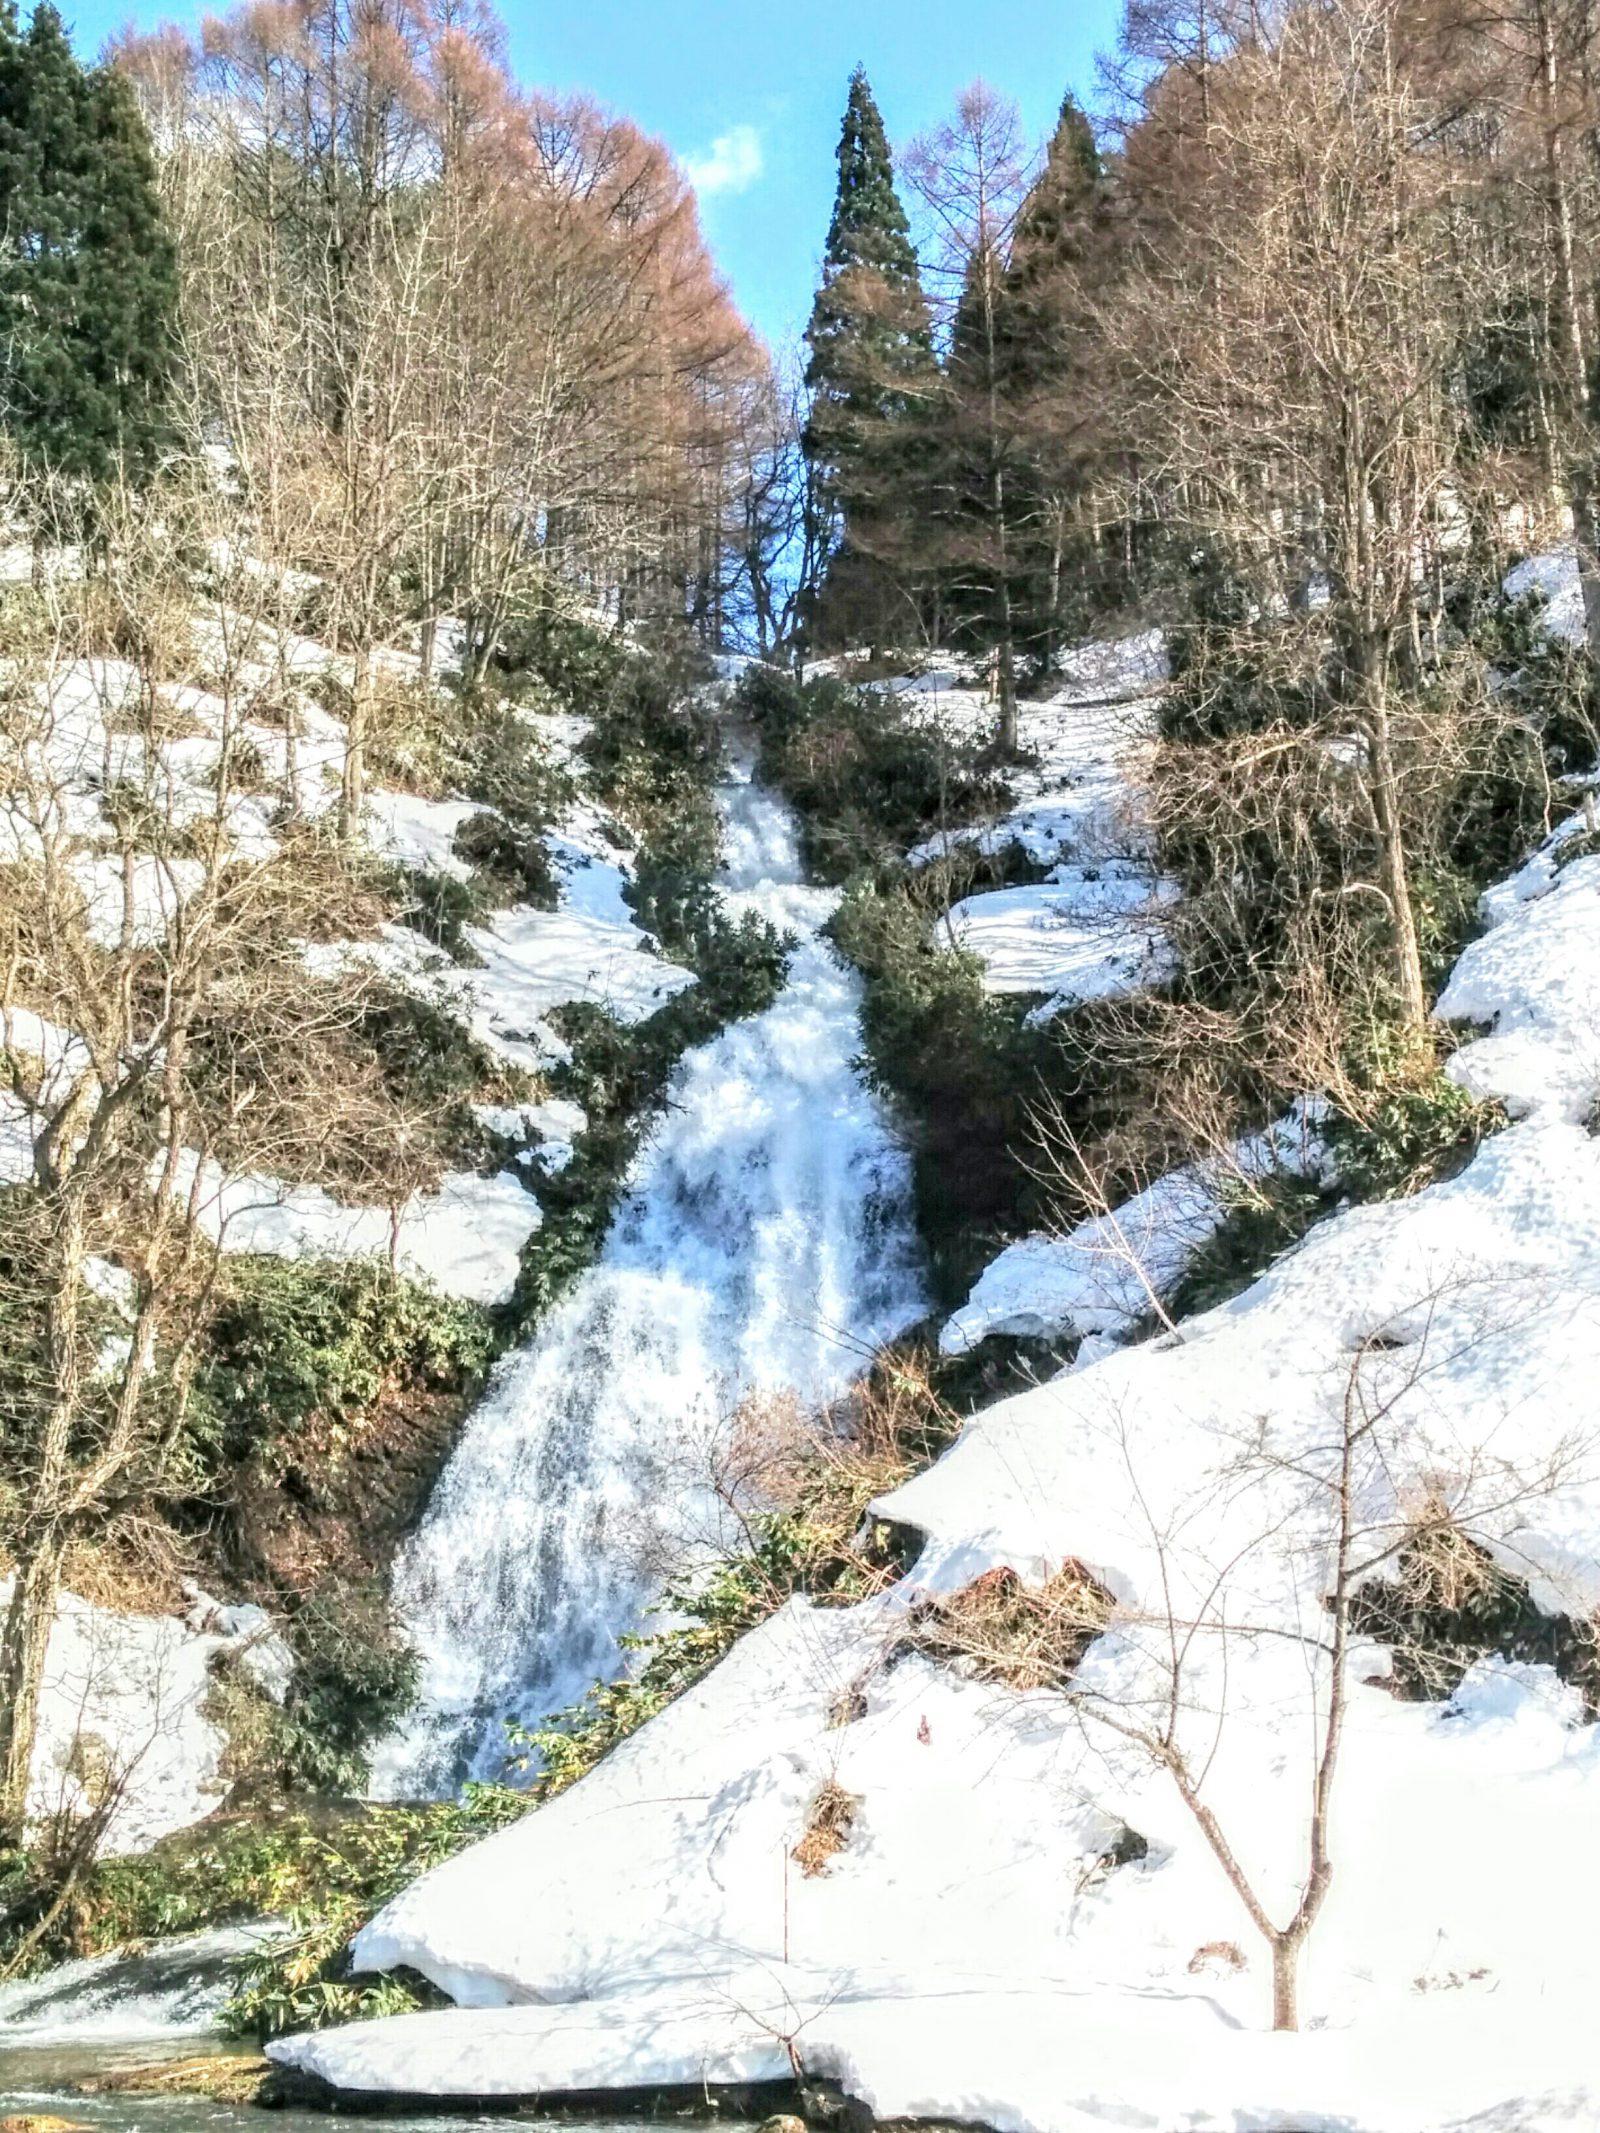 【秋田県】日本の滝百選「七滝」観光案内です。